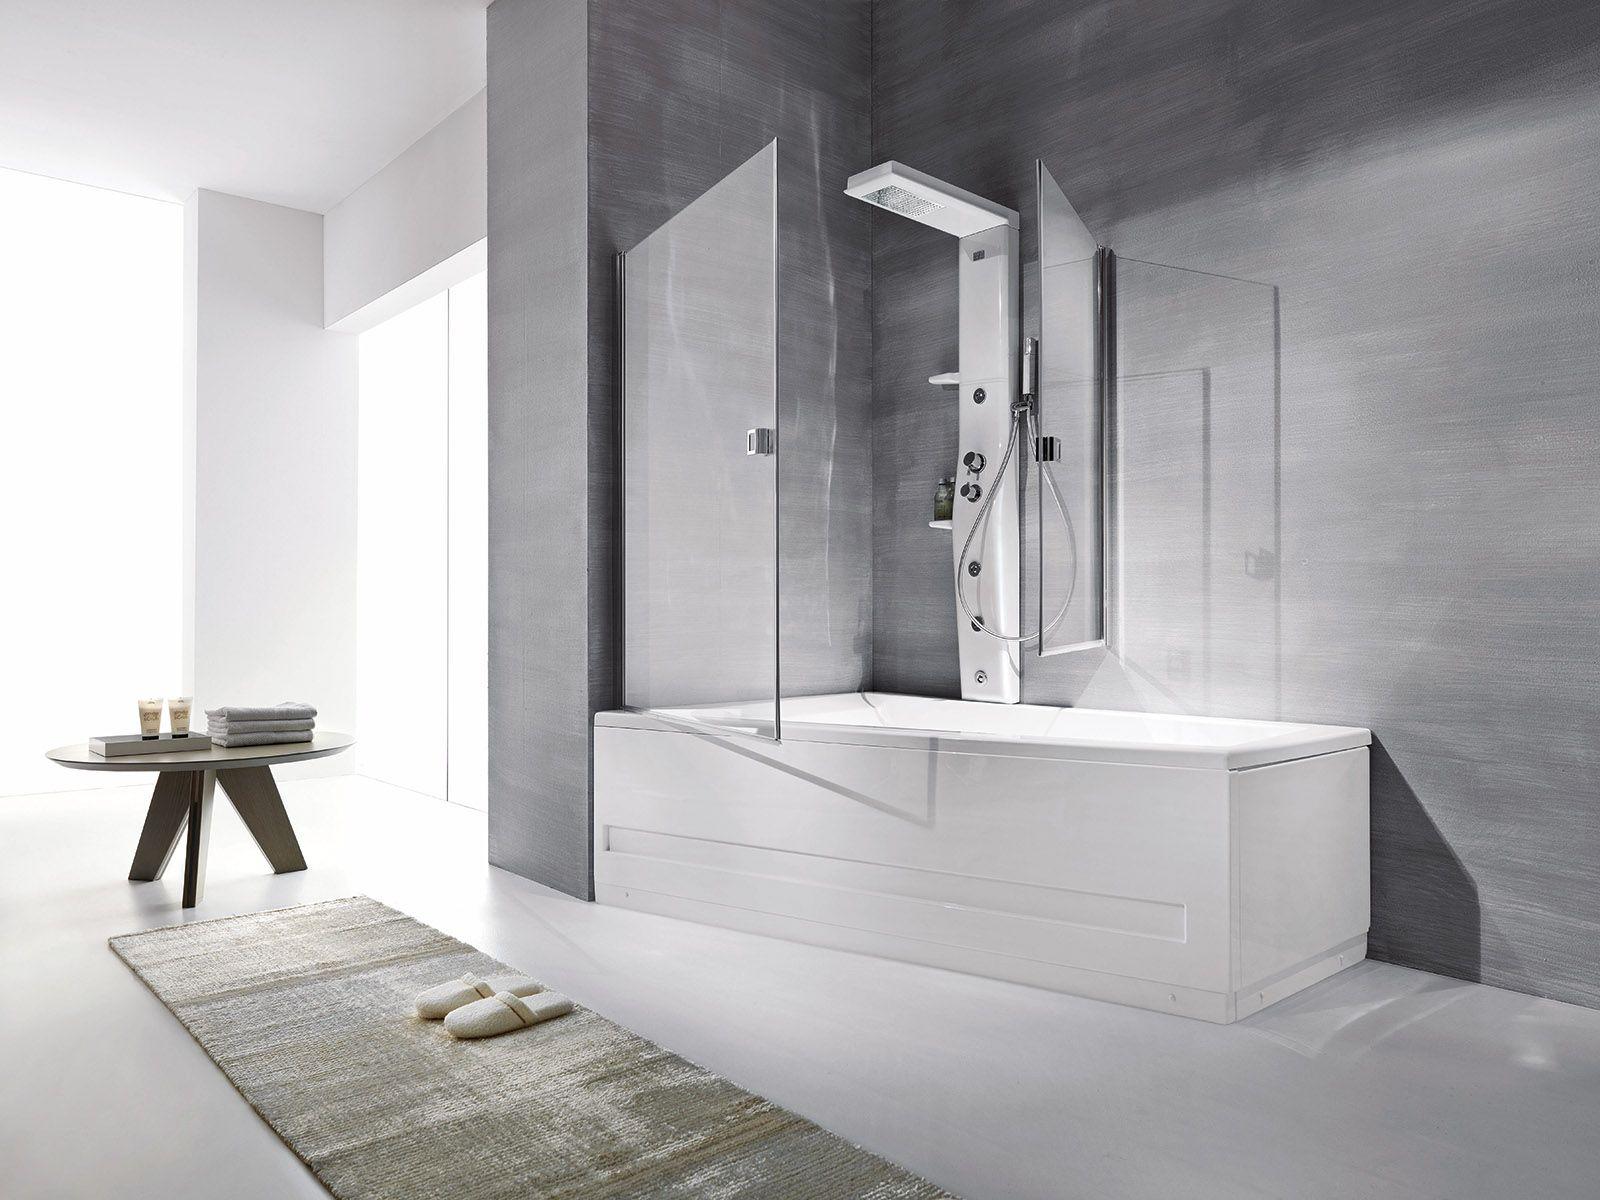 La doccia nella vasca aggiungendo un pannello (con